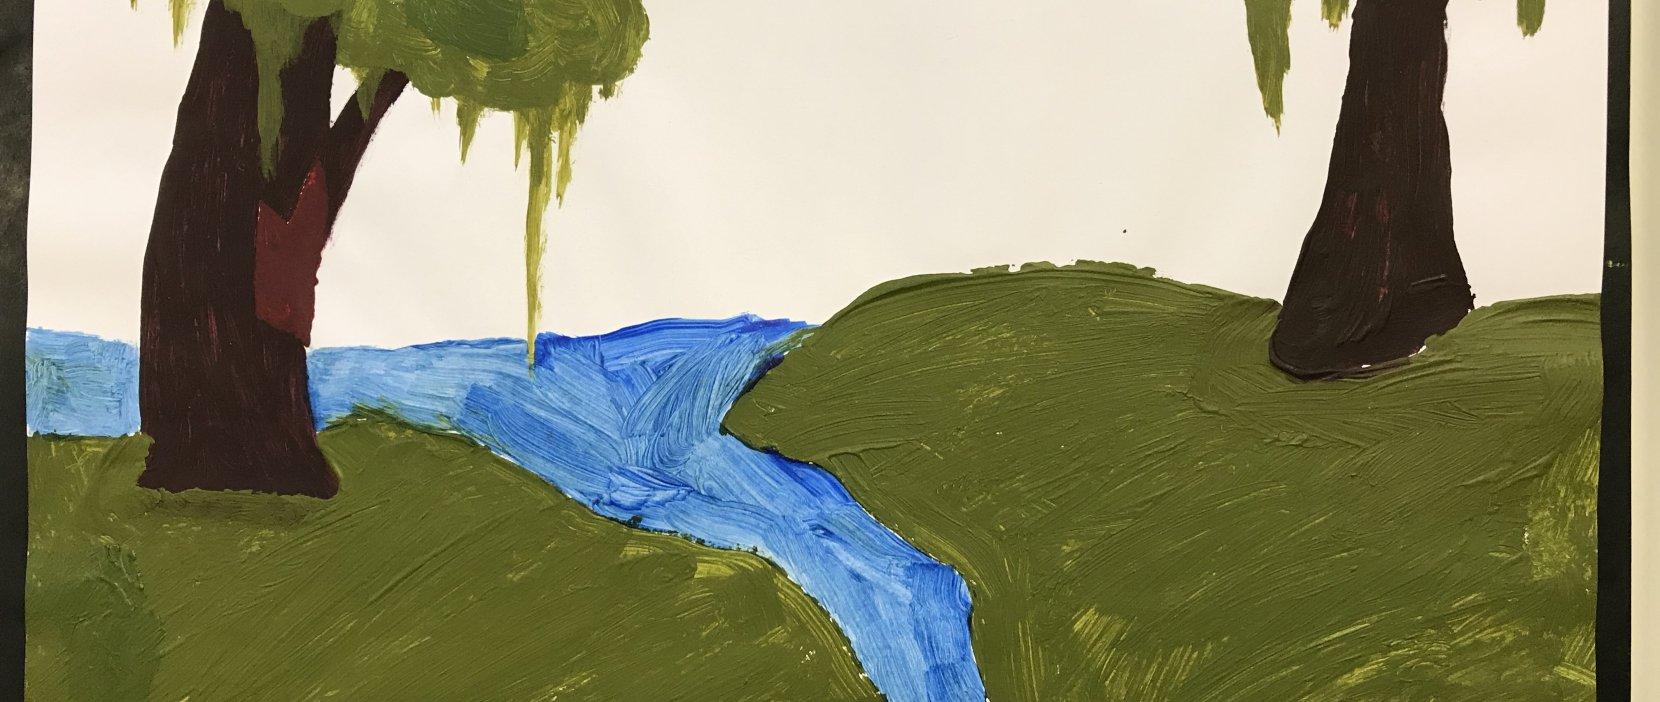 billede af maleri med vandløb og to træer